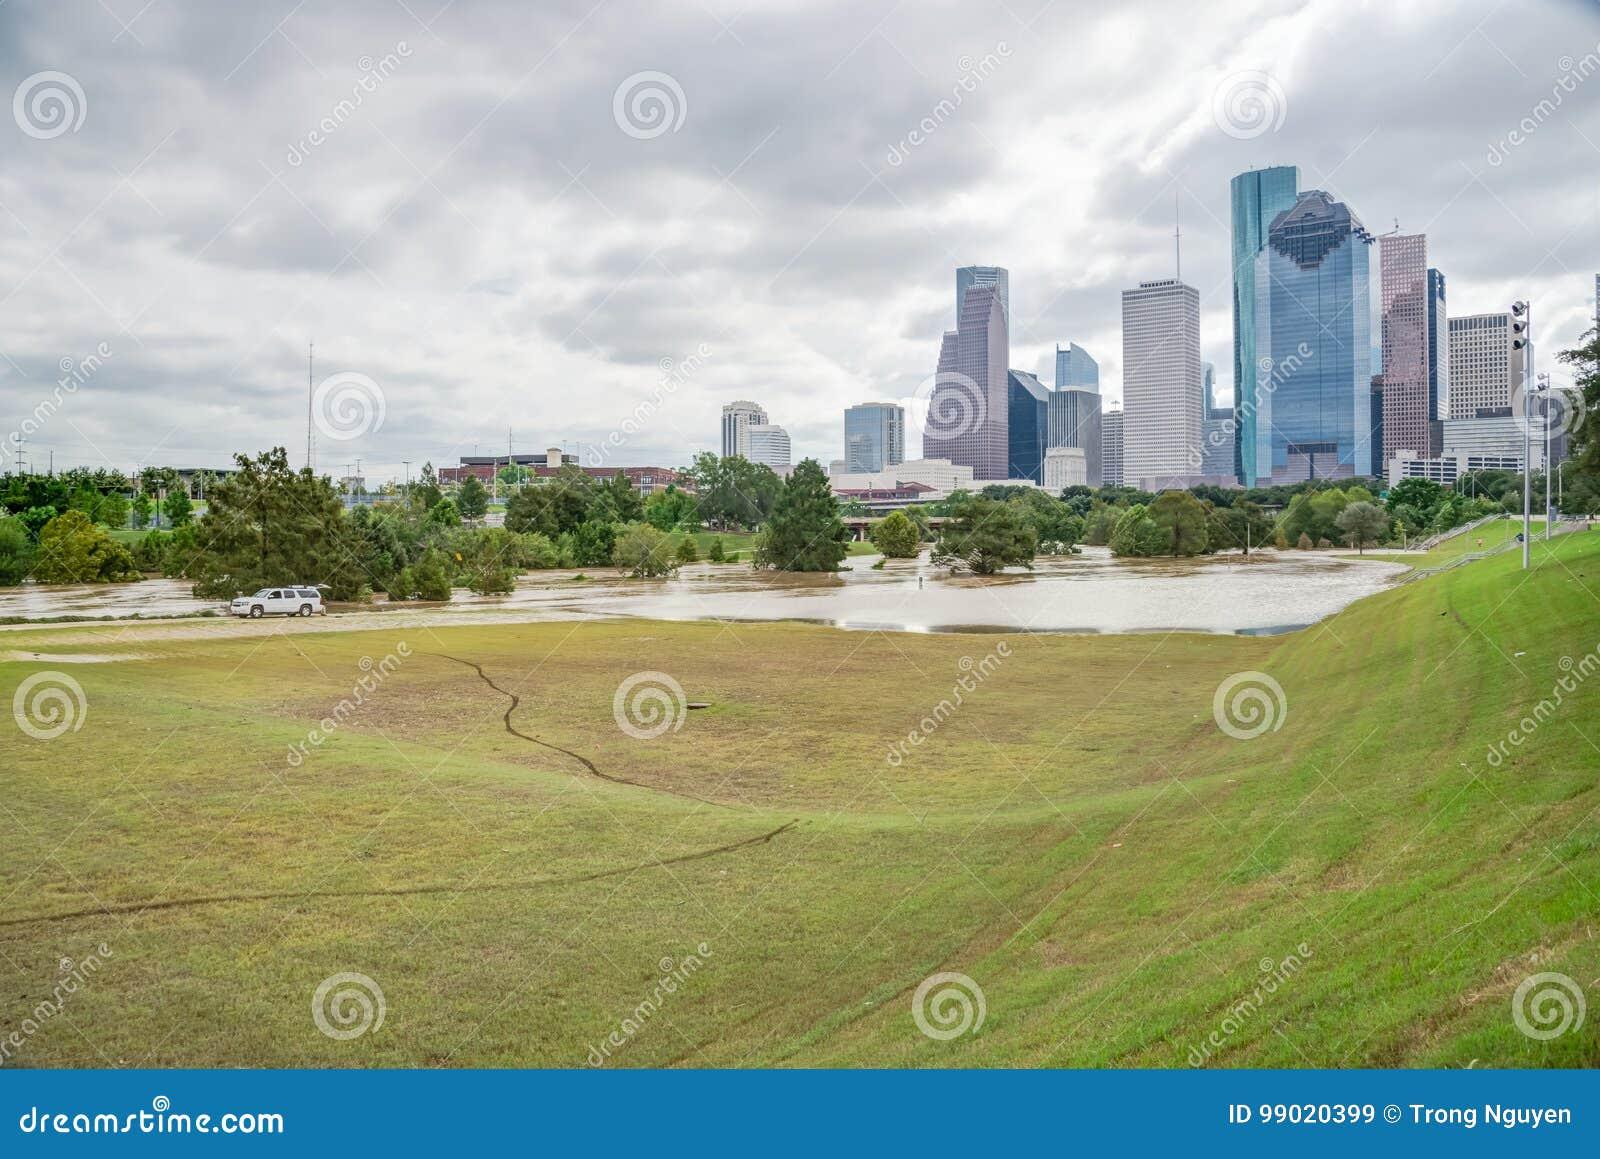 Houston Downtown Flood